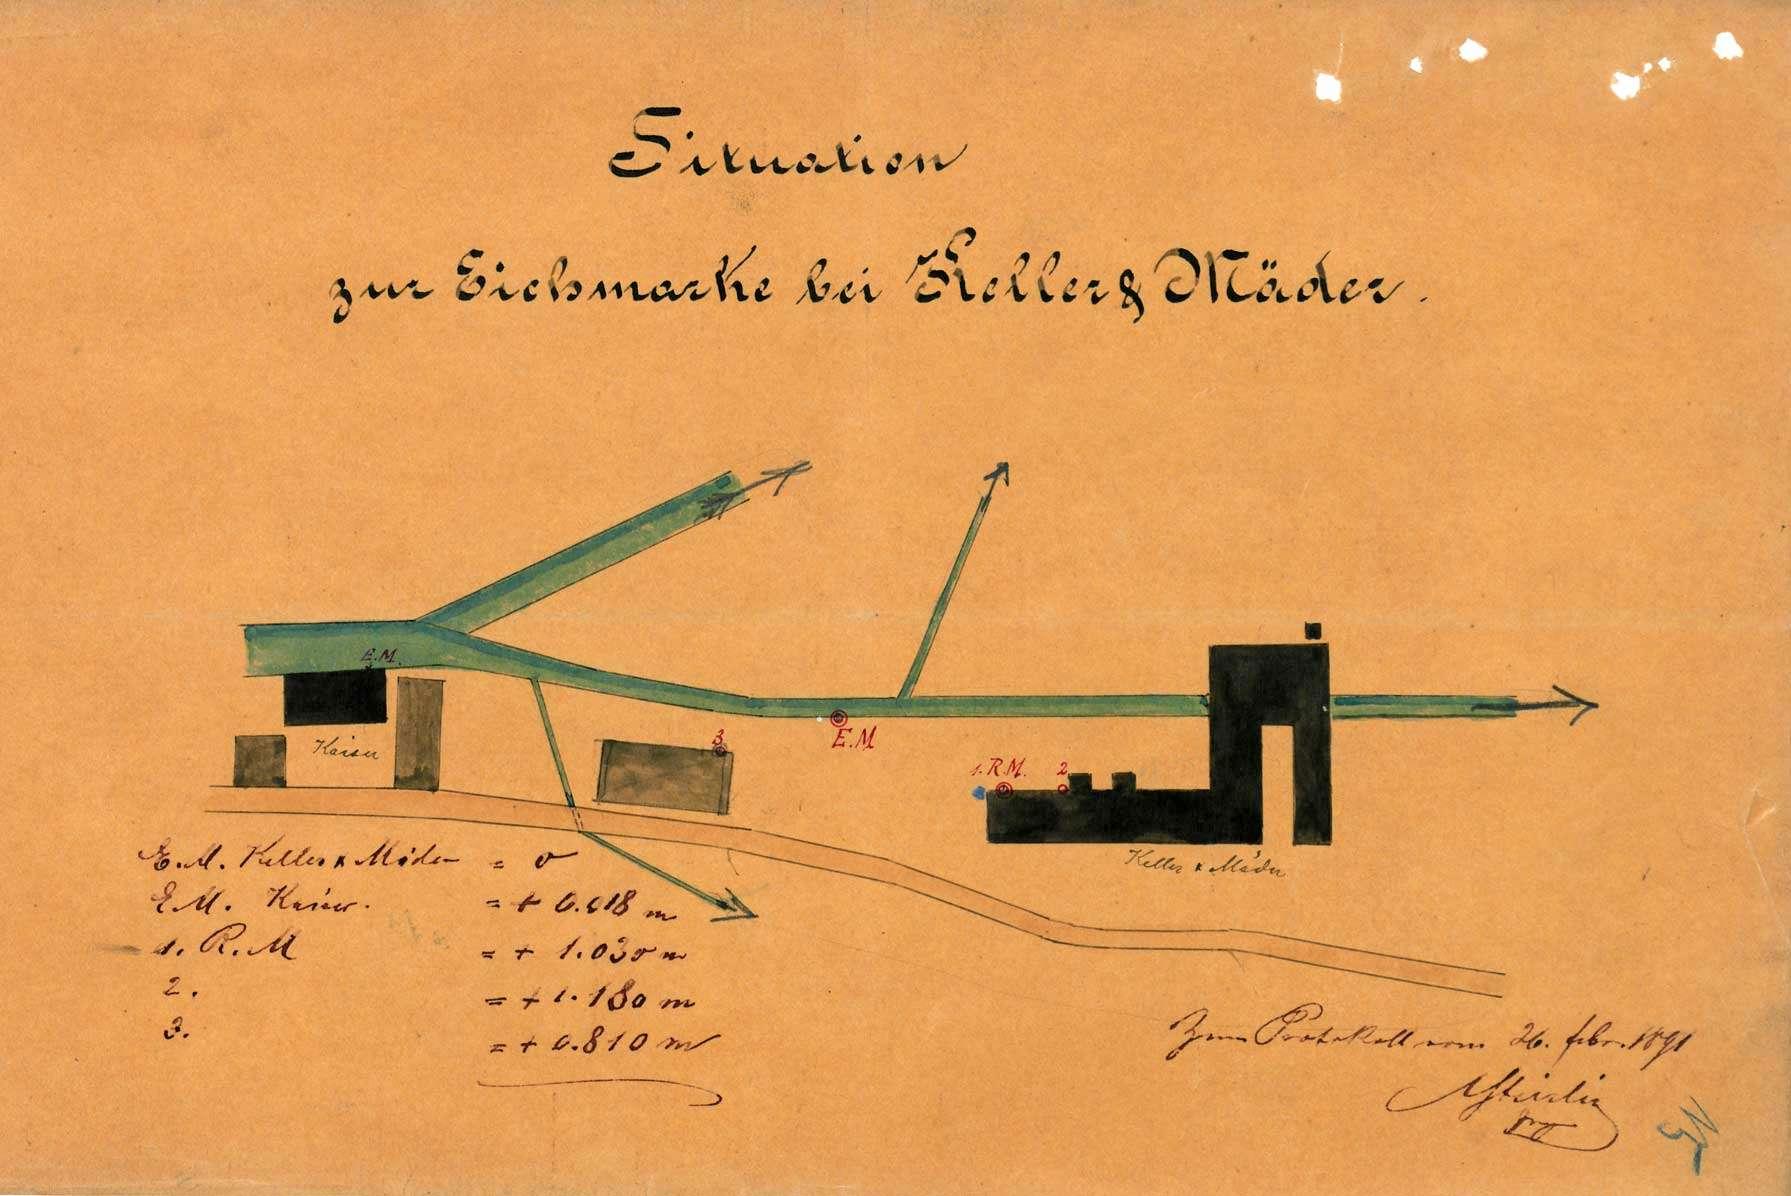 Anbringung einer neuen Eichmarke im Kanal der Fa. Keller & Mäder in Rötteln, Bild 2